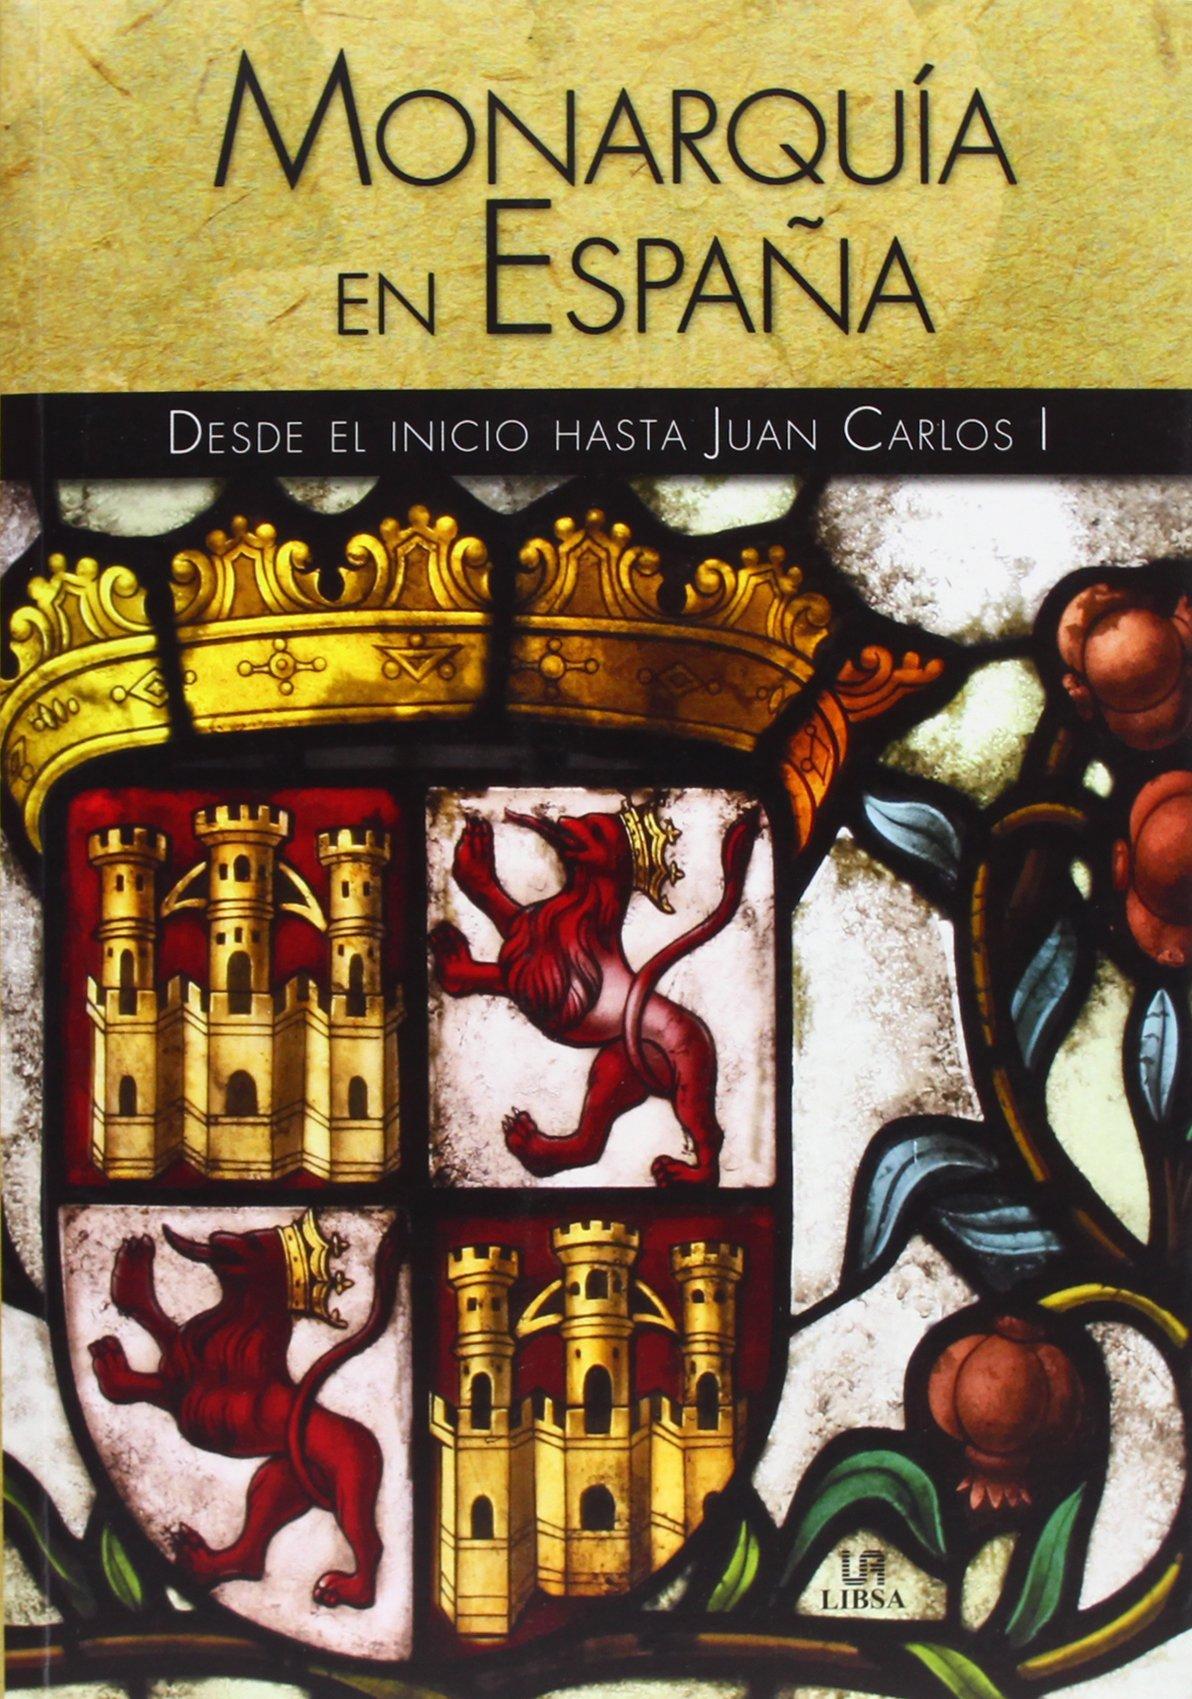 Monarquía En España. Desde El Inicio Hasta Juan Carlos I Historia de...: Amazon.es: Casas Castells, Elena: Libros